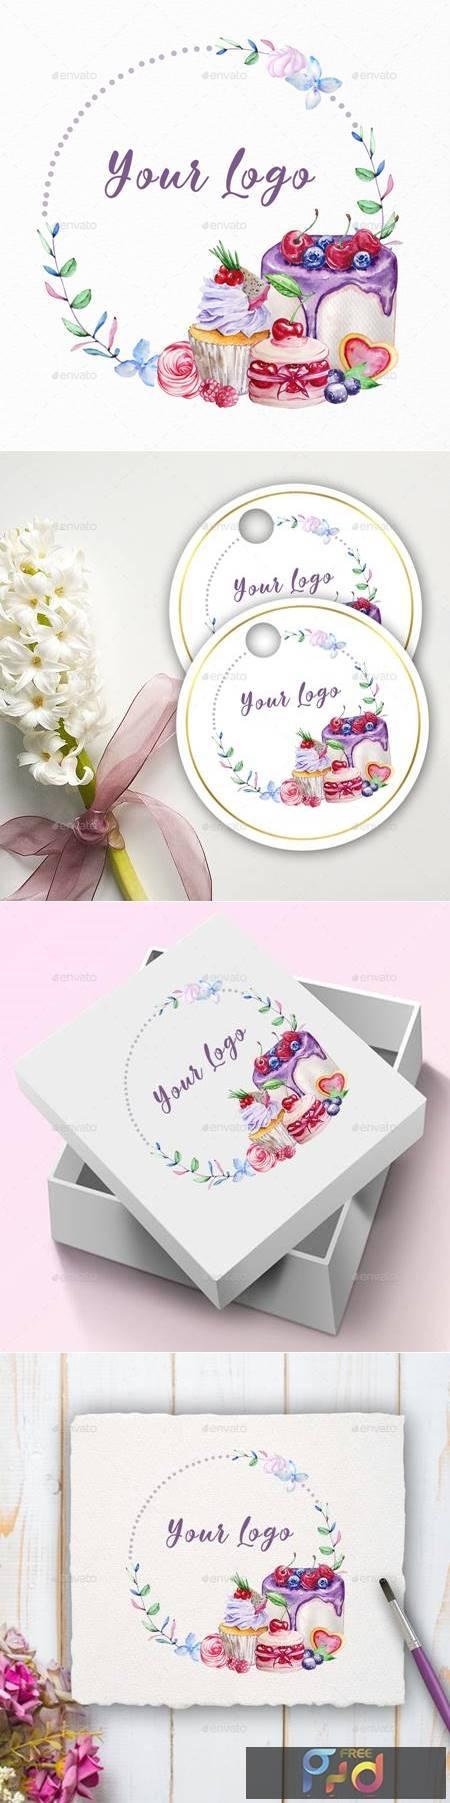 Premade Logo Cupcake, Watercolor Logo - 29436334 1